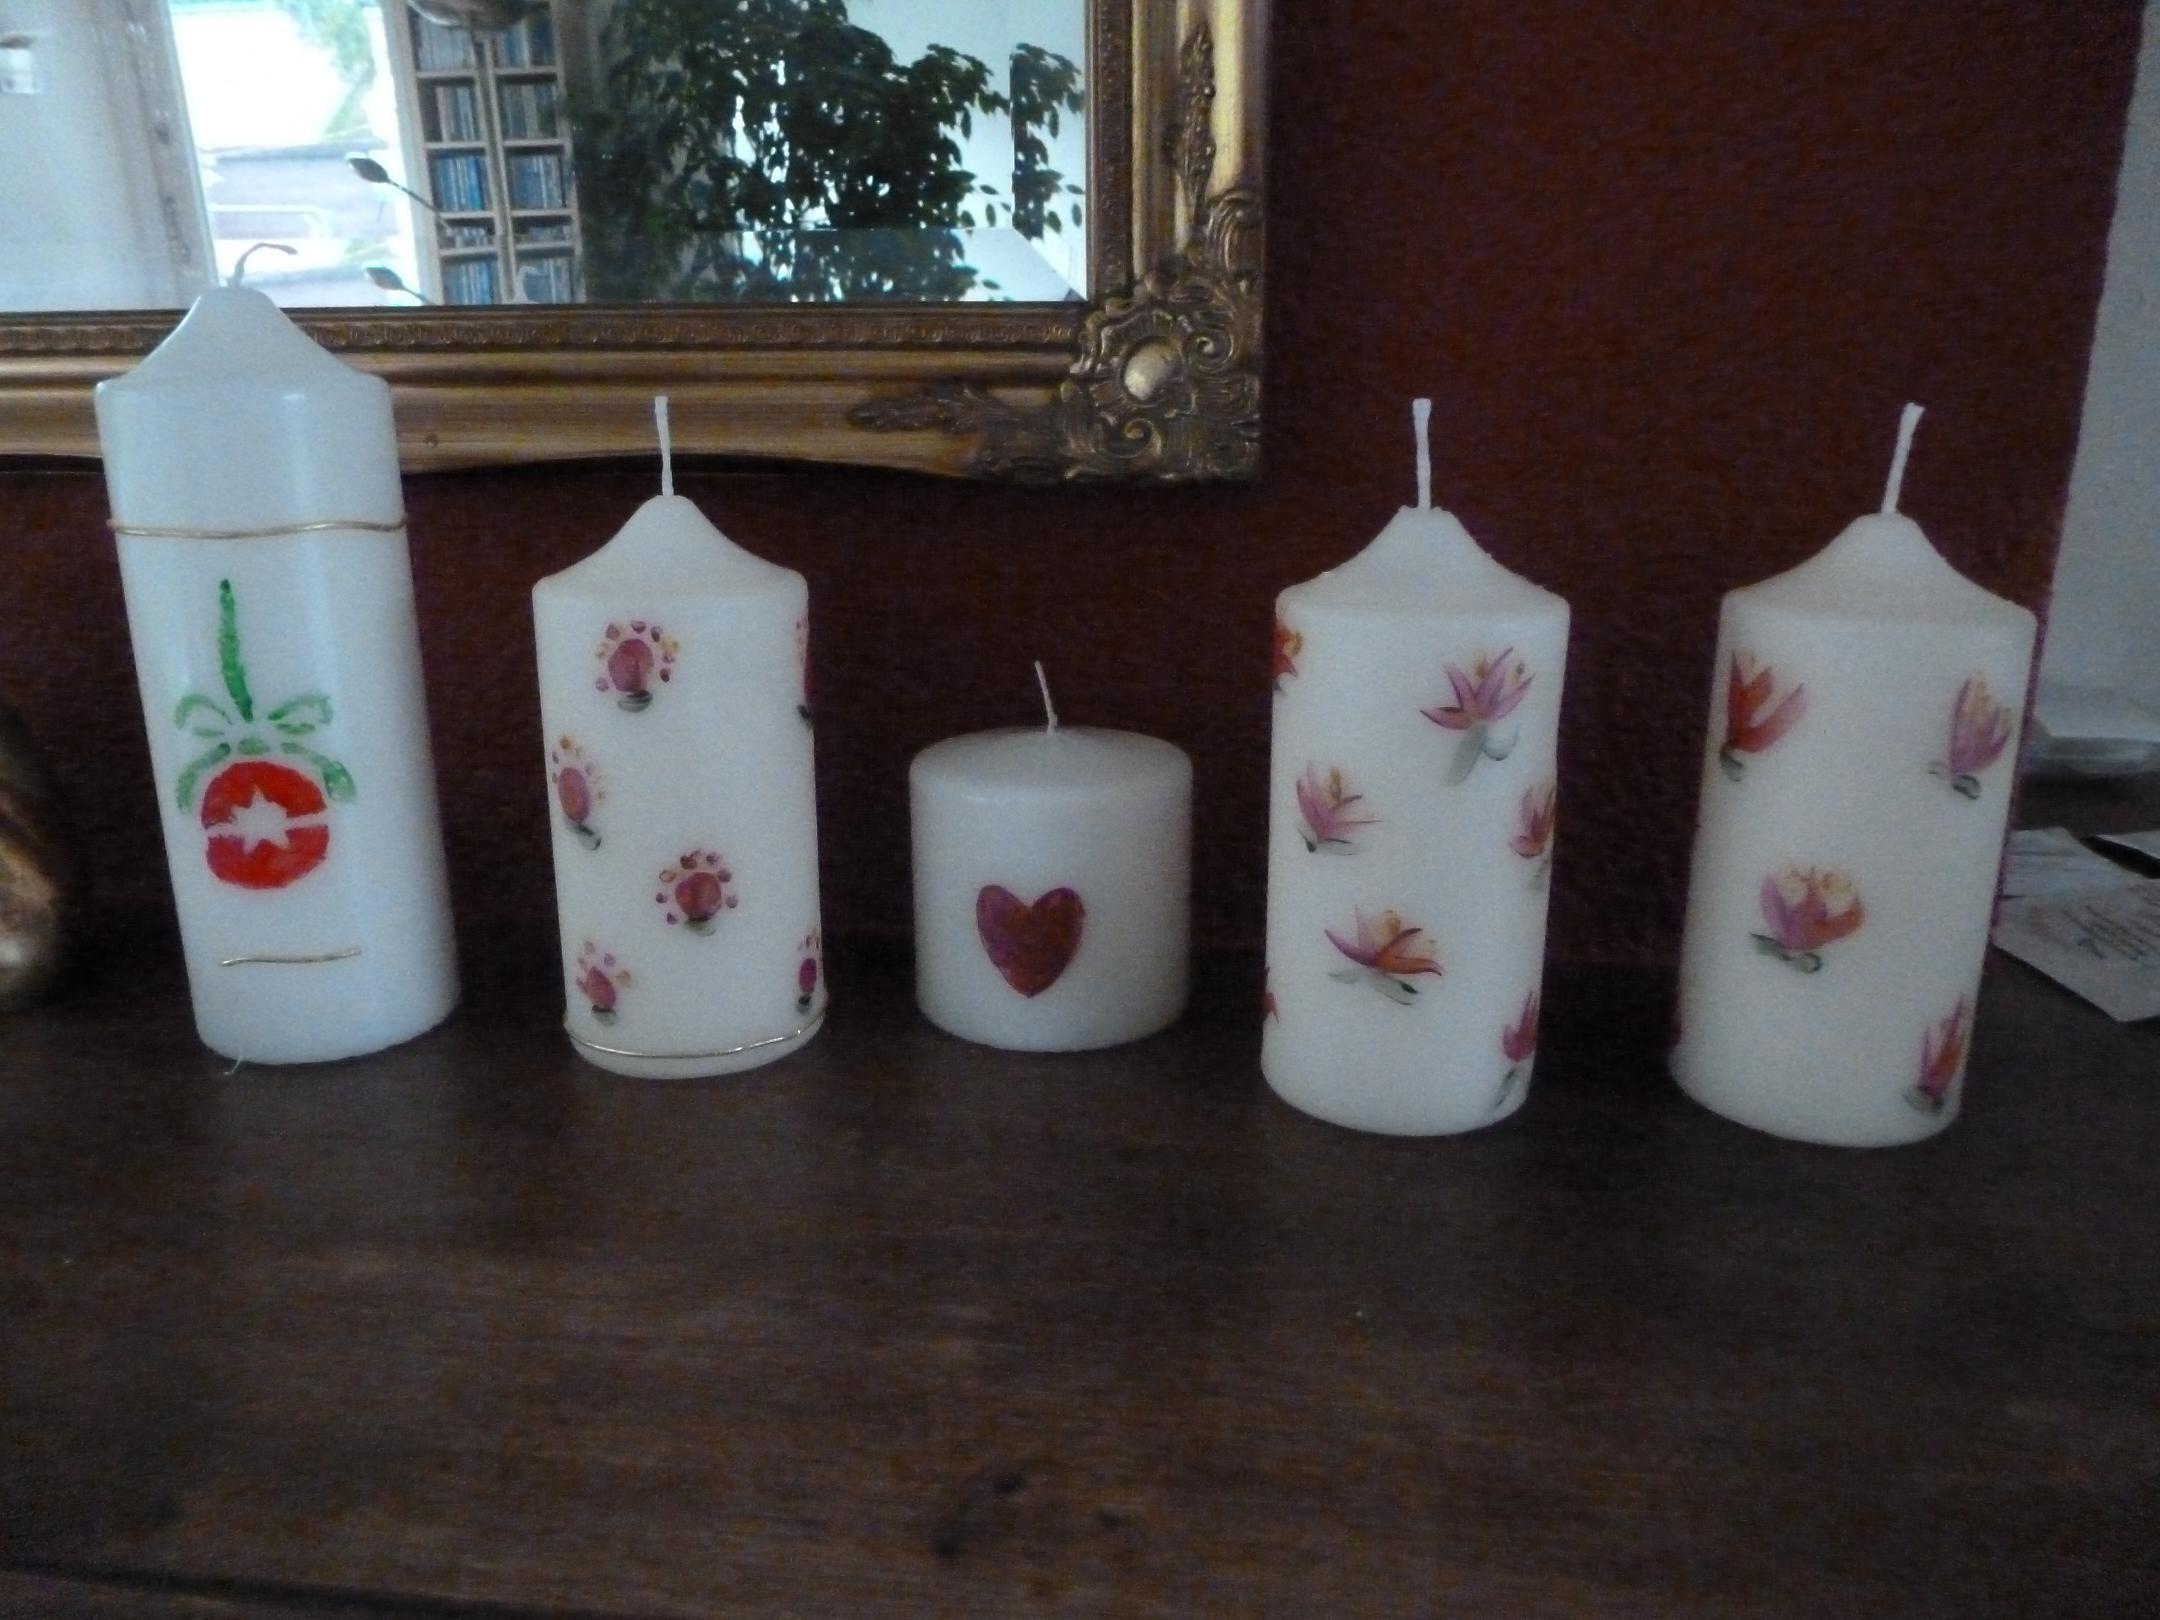 Kaarsen Beschilderen Met Acrylverf.Met Acryl Verf Beschilderd Kaarsen Versieren Kaarsen En